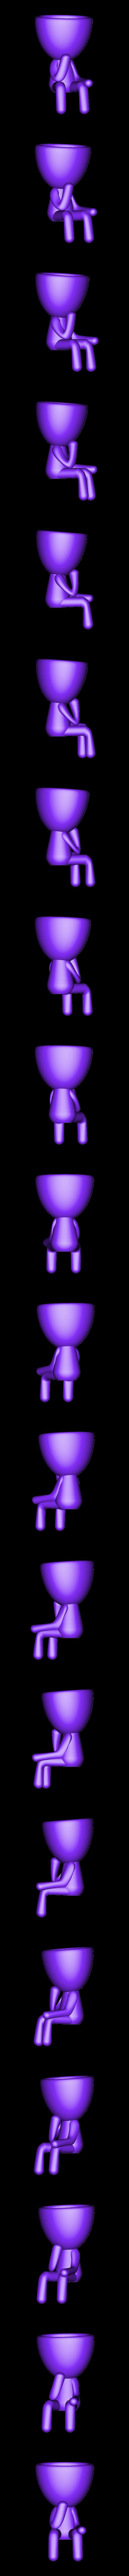 Vaso_11.stl Télécharger fichier STL gratuit JARRÓN MACETA ROBERT 11 - VASE POT DE FLEURS ROBERT 11 • Design à imprimer en 3D, CREATIONSISHI